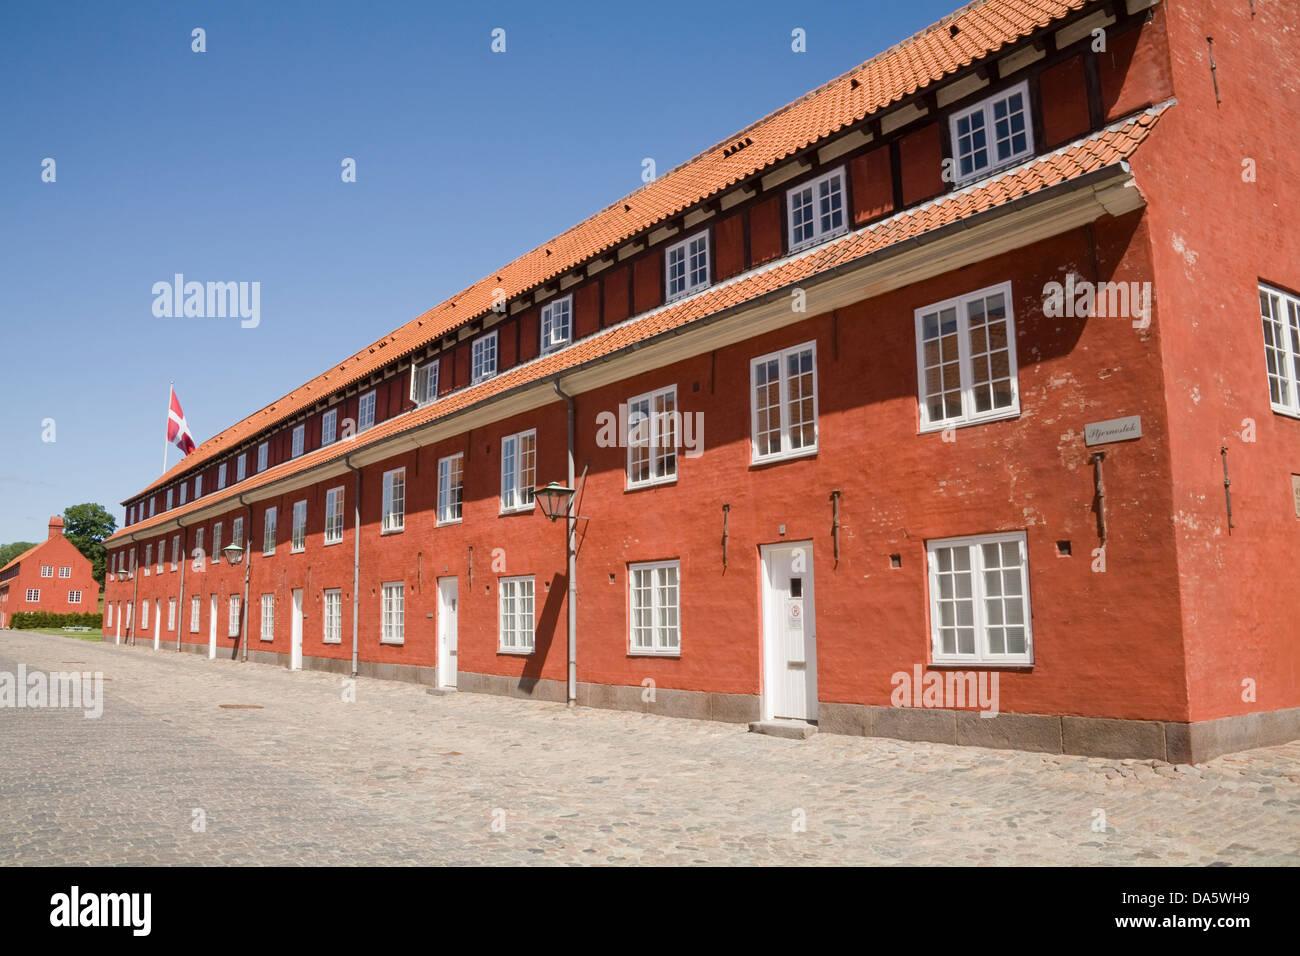 Copenhagen Denmark EU The Rows built as Army barracks in Kastellet the fortified Citadel Frederikshavn lovely June - Stock Image